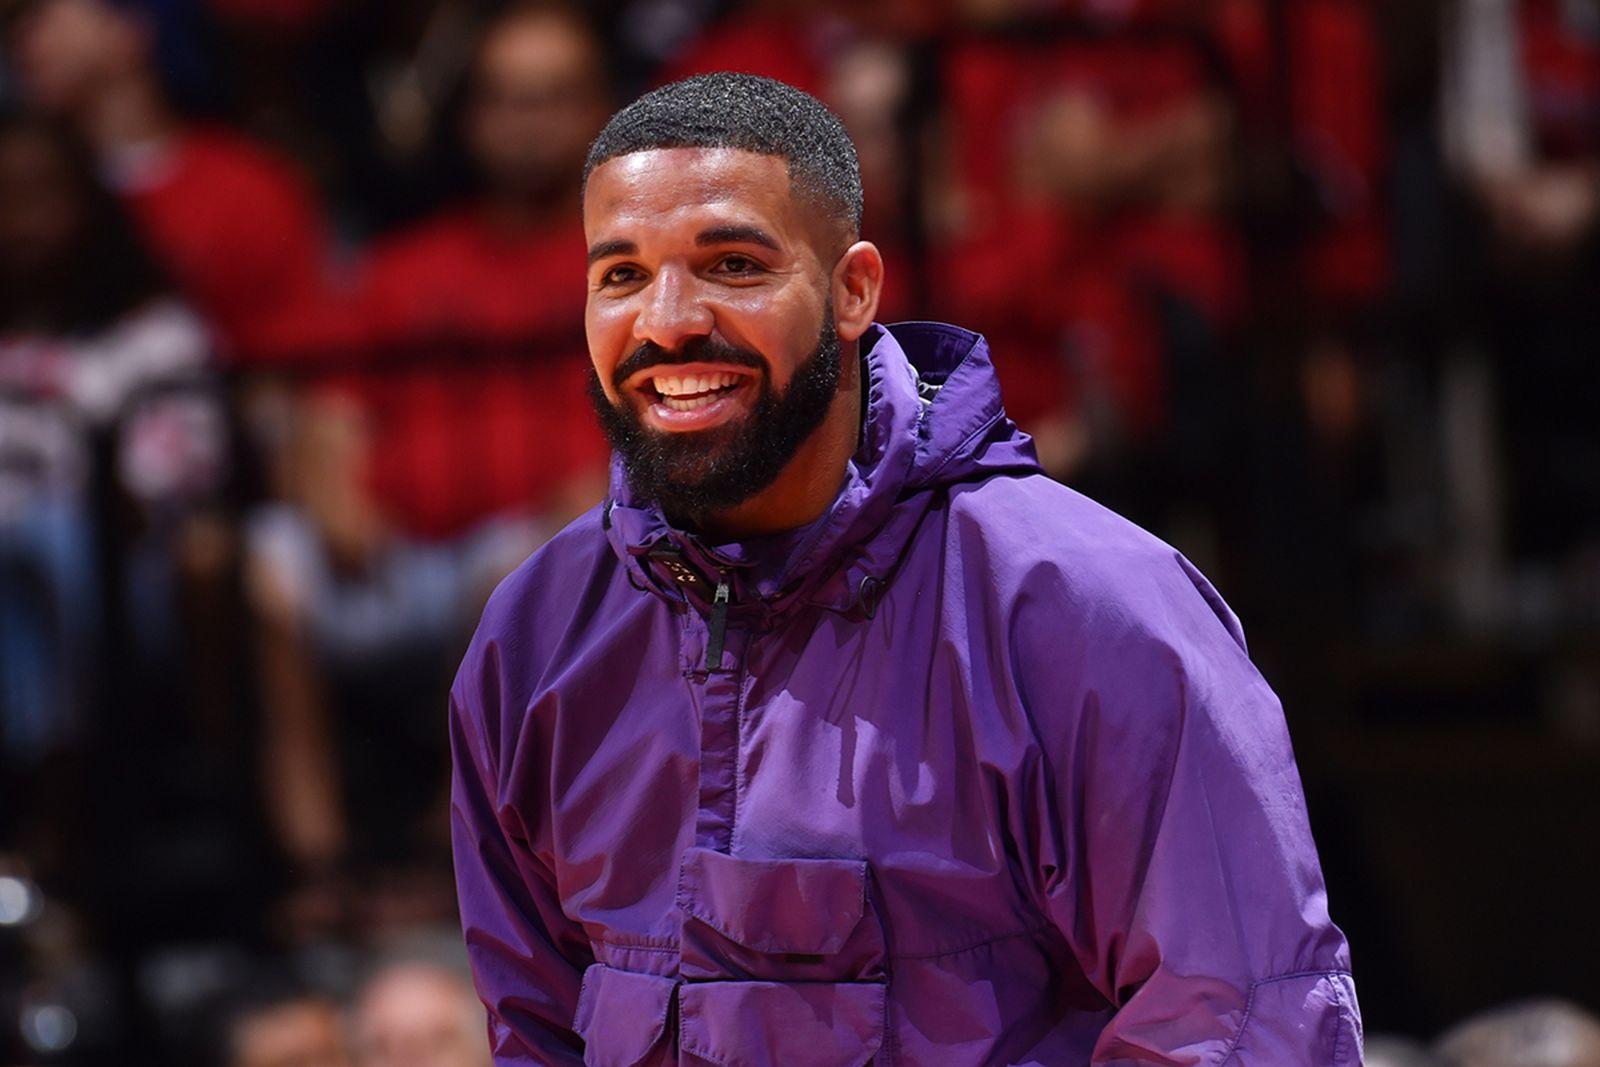 Drake smiling purple jacket